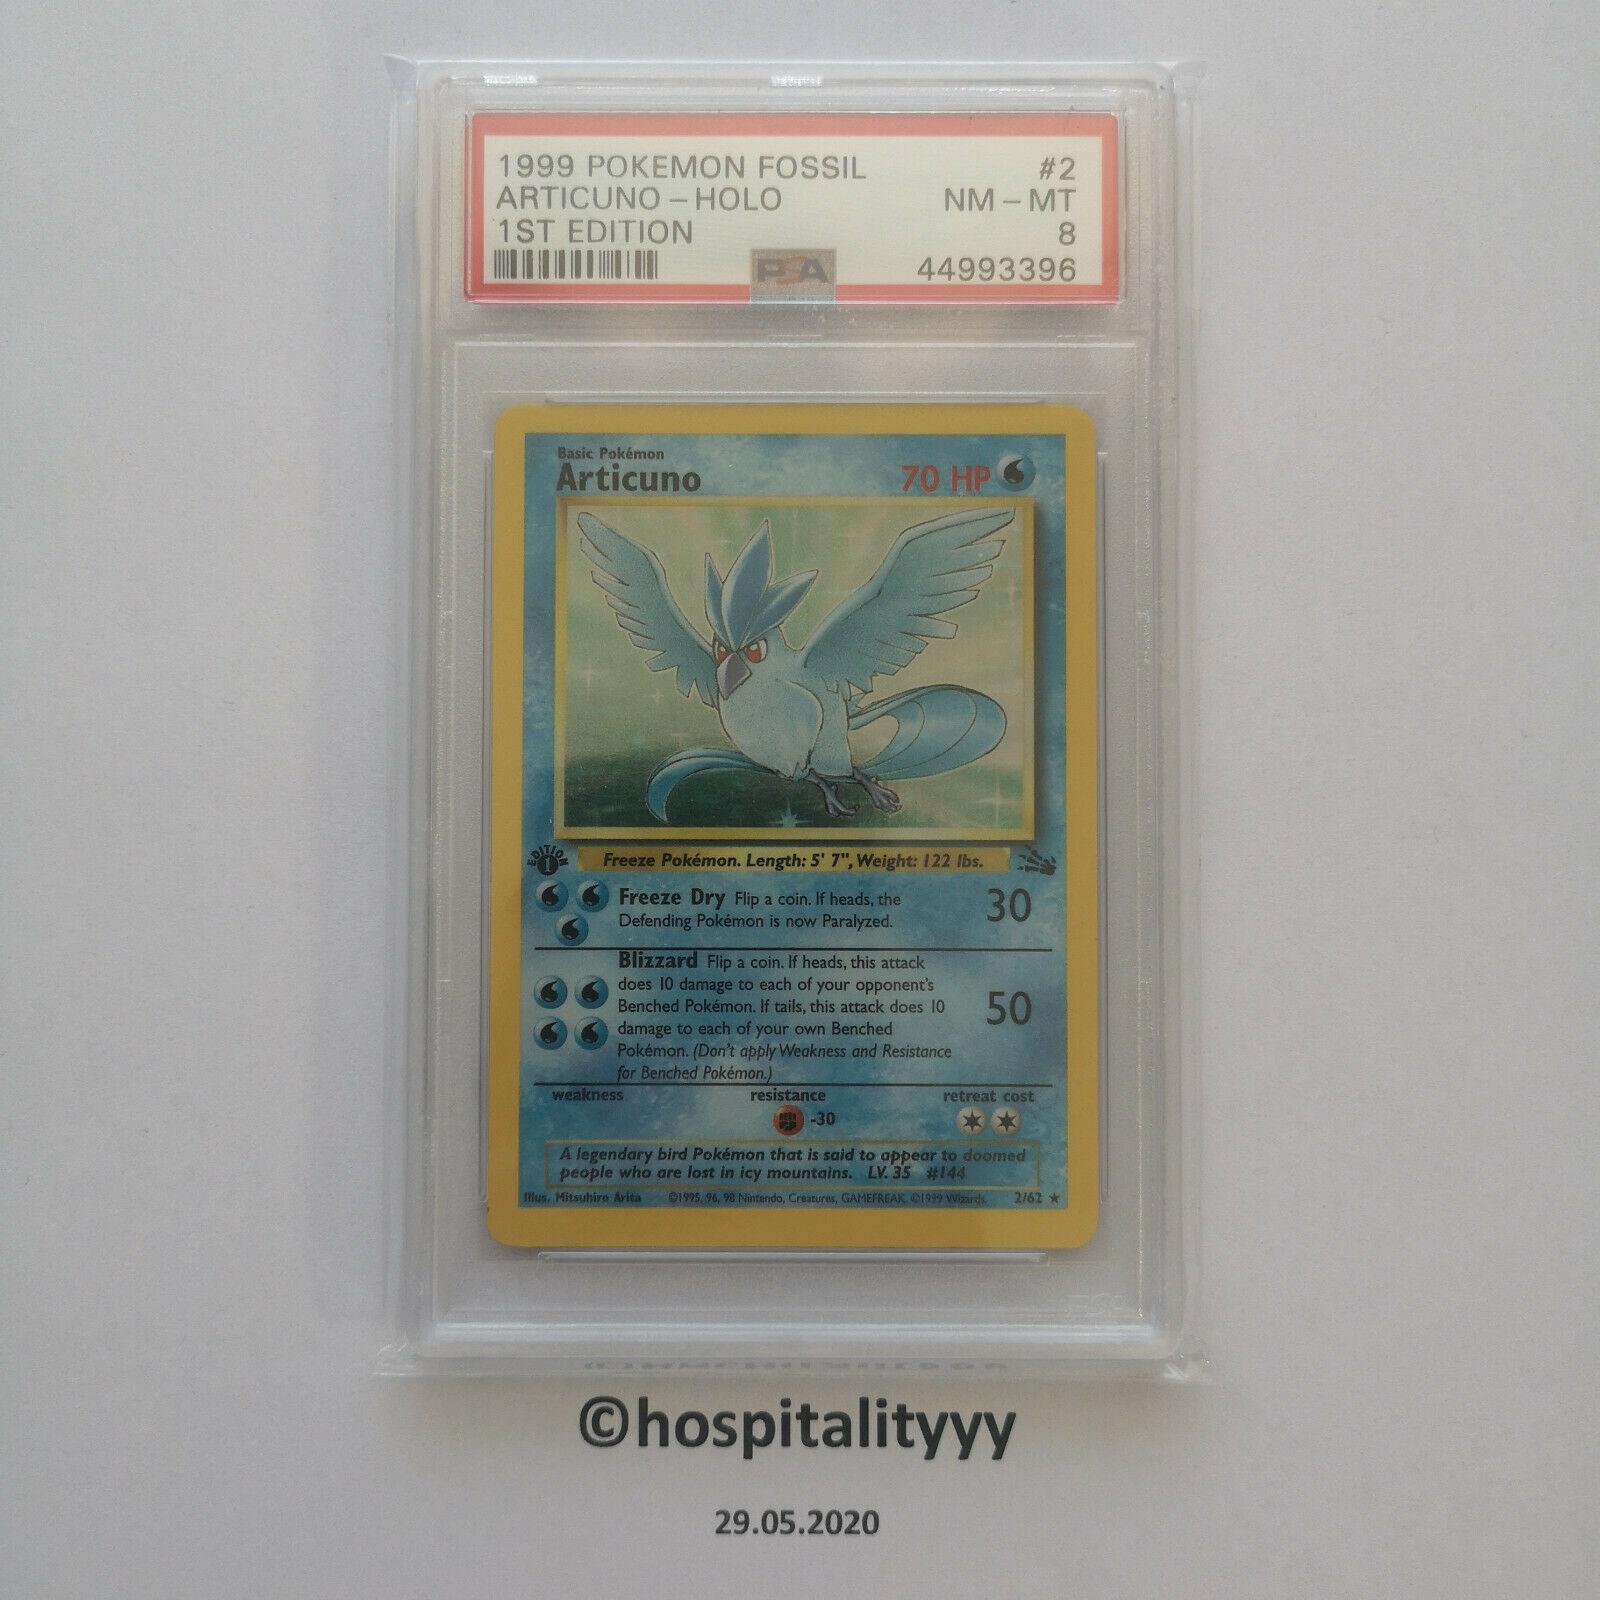 Pokemon Articuno 1st Edition PSA 8 Holo Fossil